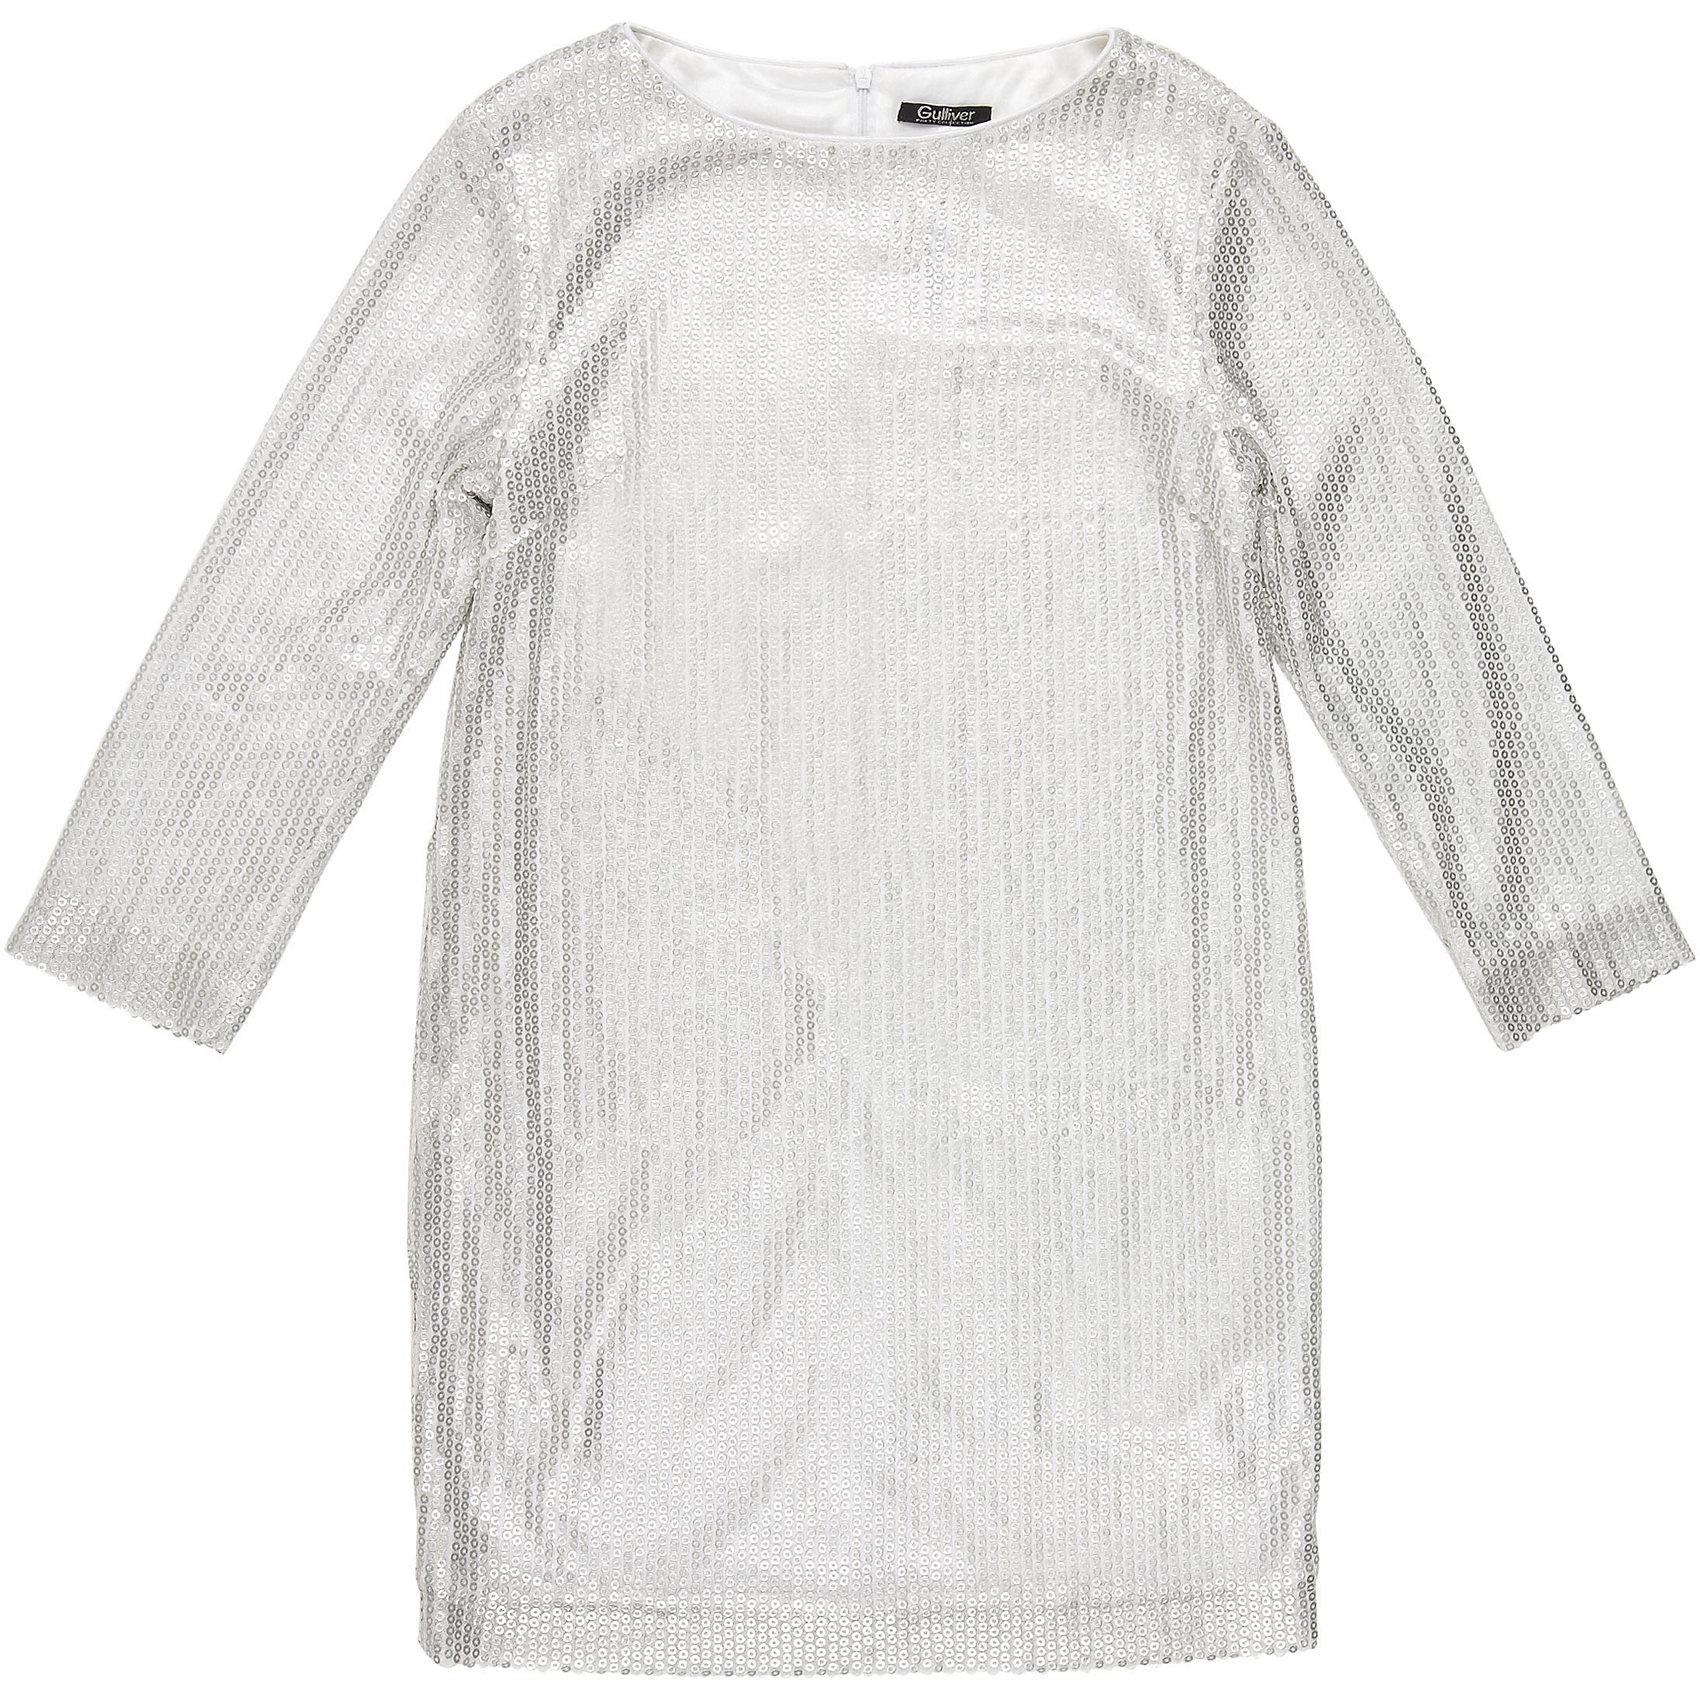 Нарядное платье для девочки GulliverОдежда<br>Платье для девочки от известного бренда Gulliver.<br>Простое, прямое, лаконичное платье из серебристых пайеток смотрится безупречно. Деликатный блеск, идеальная форма модели - такими и должны быть модные нарядные платья без лишнего пафоса.<br>Состав:<br>верх: 100% полиэстер; подкладка: 100% полиэстер<br><br>Ширина мм: 236<br>Глубина мм: 16<br>Высота мм: 184<br>Вес г: 177<br>Цвет: белый<br>Возраст от месяцев: 156<br>Возраст до месяцев: 168<br>Пол: Женский<br>Возраст: Детский<br>Размер: 164,146,152,158<br>SKU: 5103529